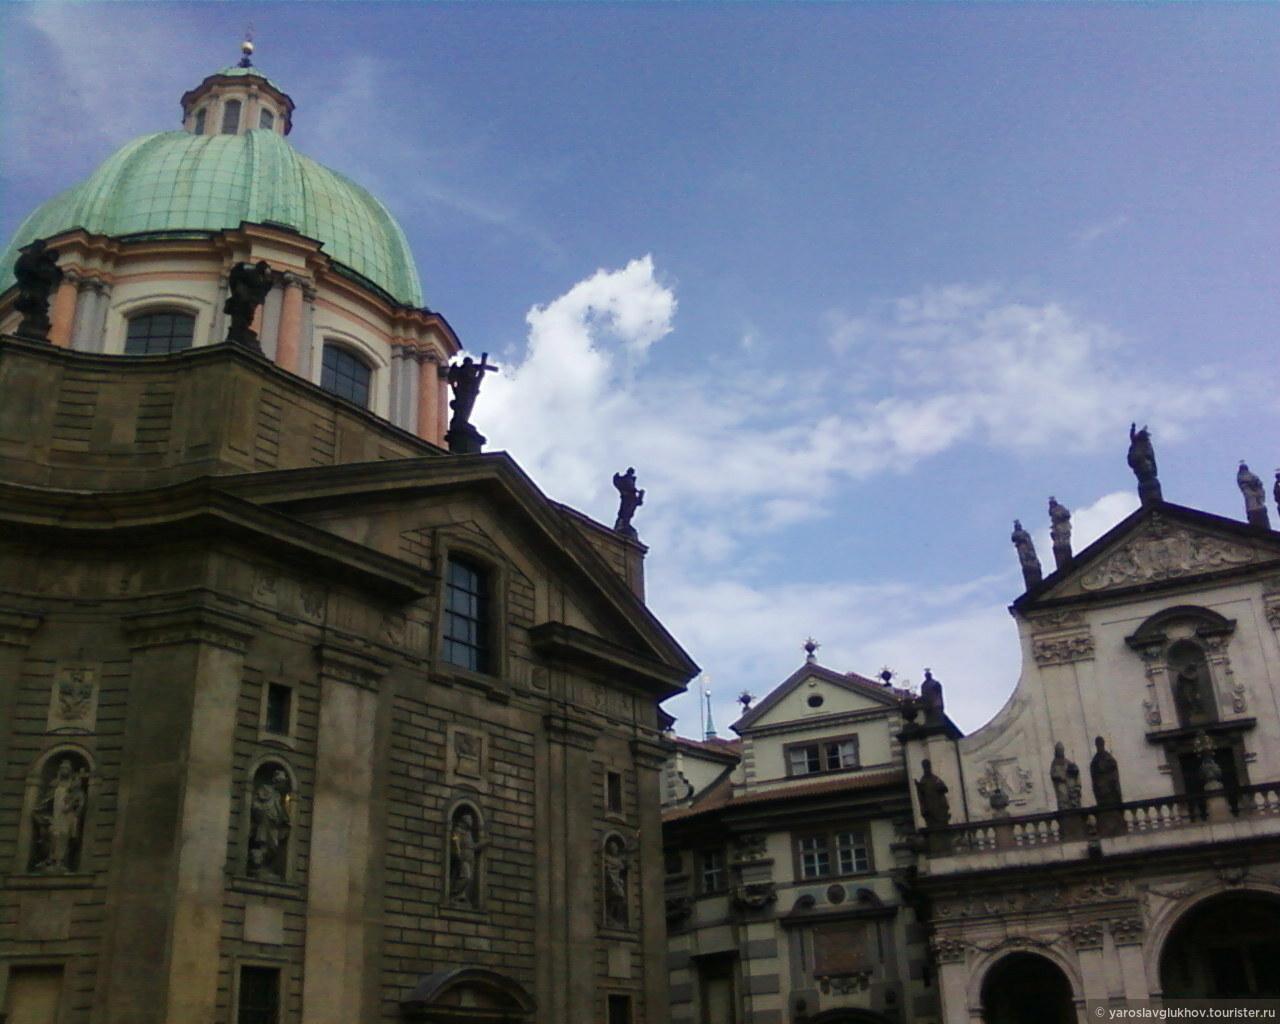 Церковь Святого Франциска Азисского  и церковь Святого Сальвадора., Пражские открытки